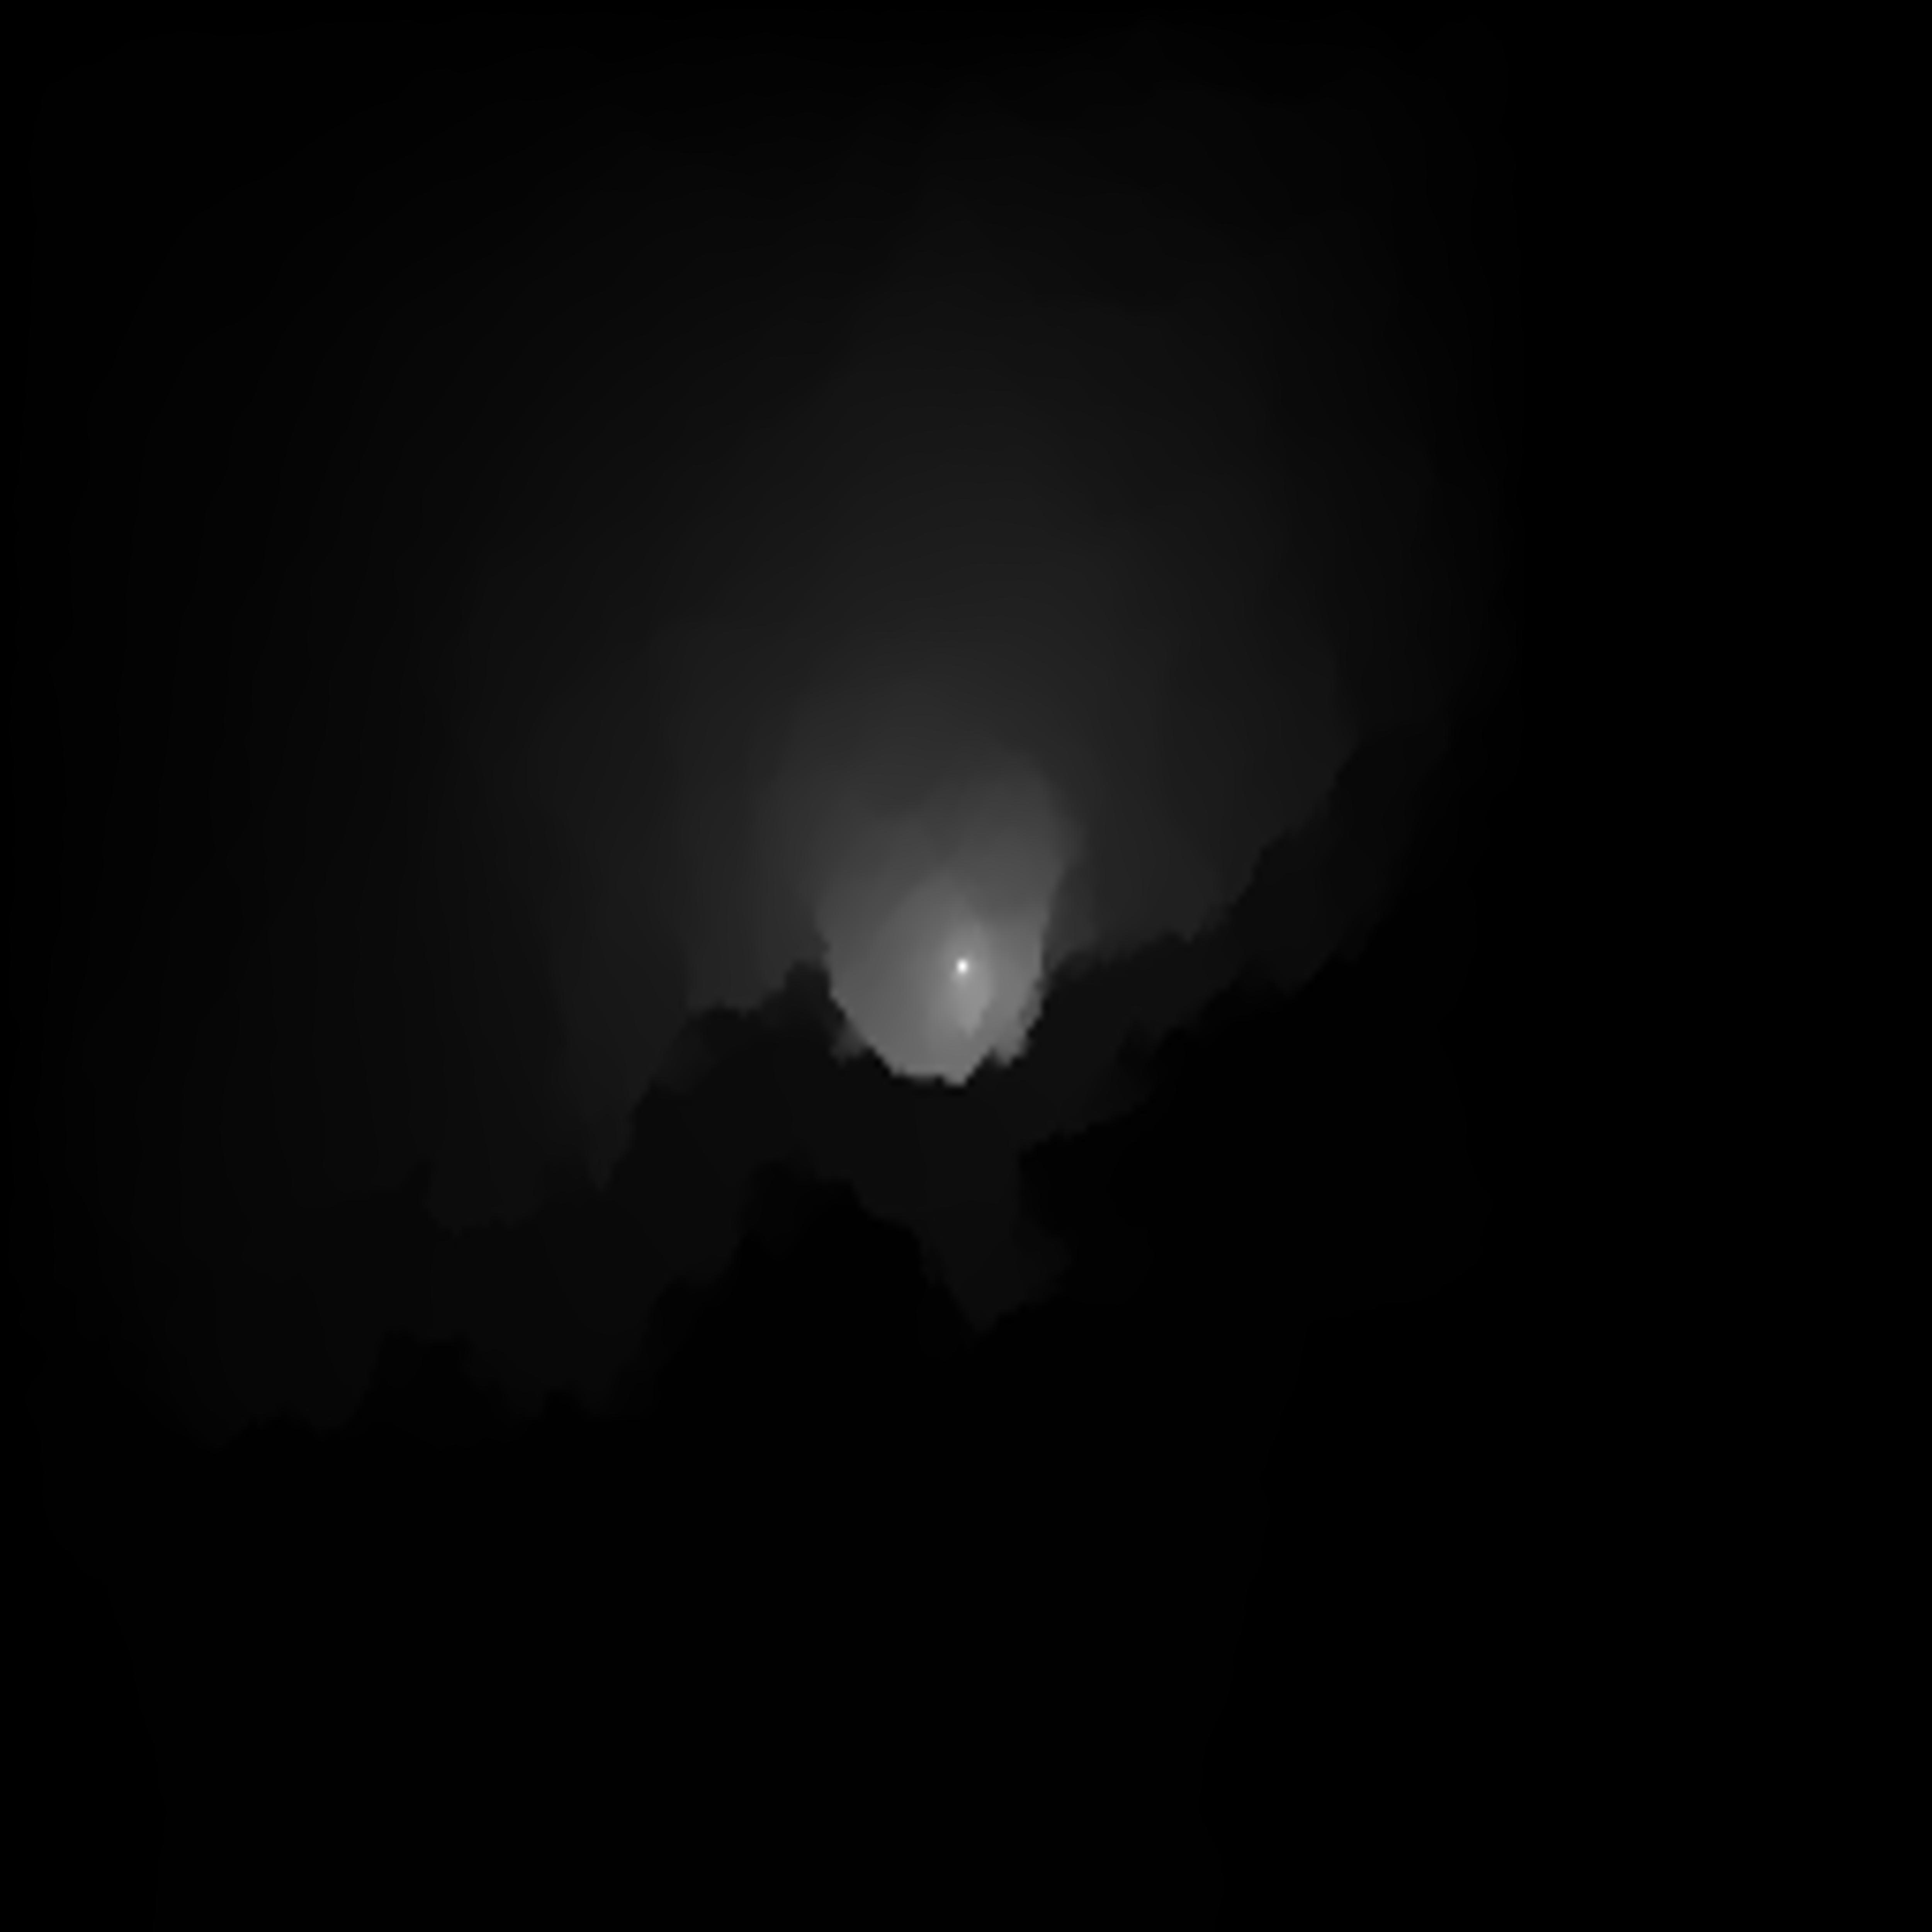 DiffusionElev_YOSAR026